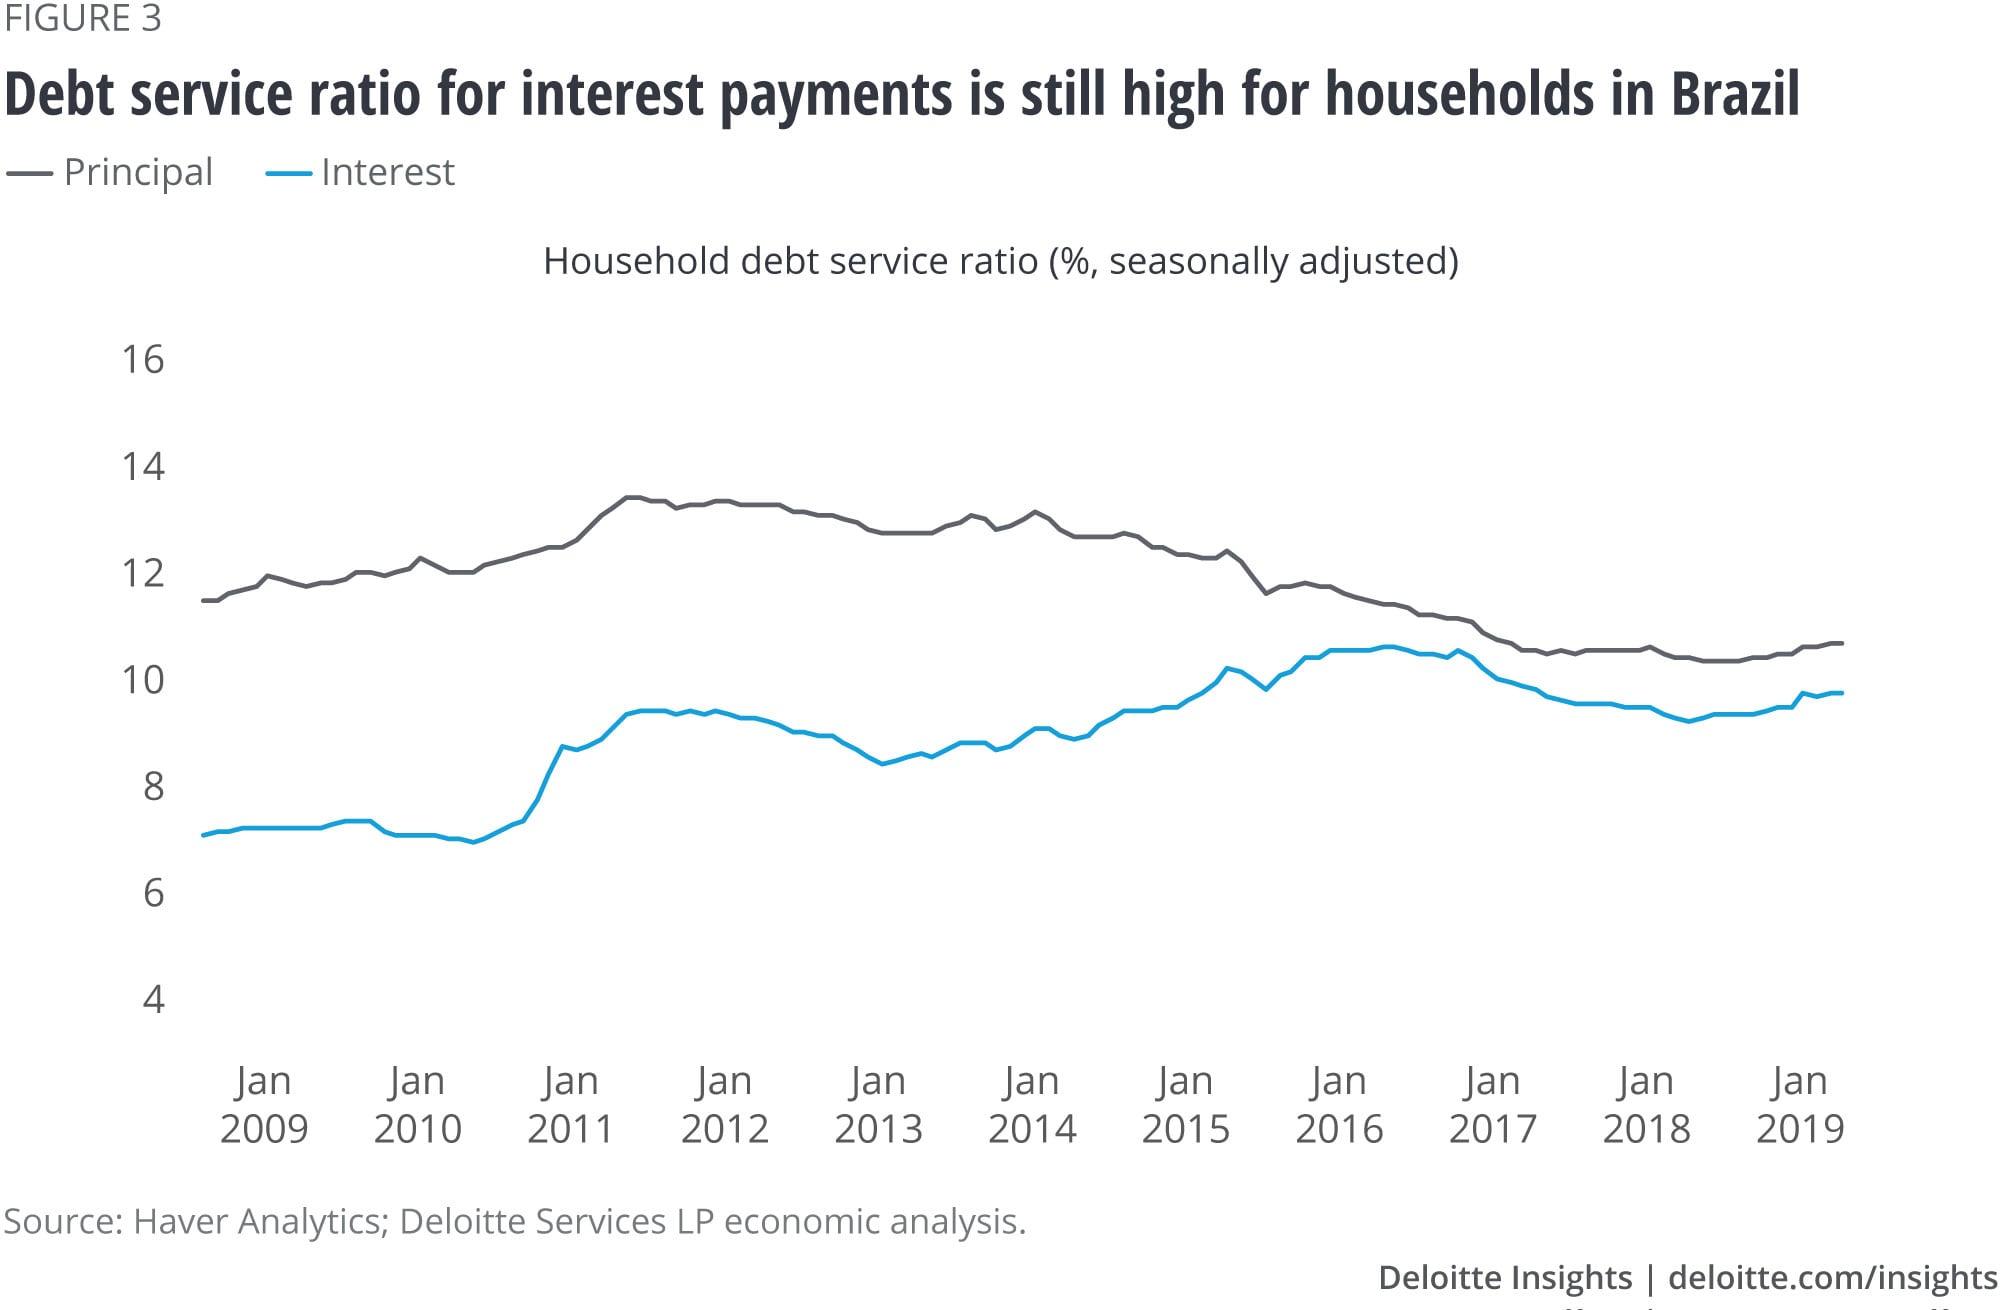 Índice de serviço da dívida para pagamento de juros ainda é alto para famílias no Brasil